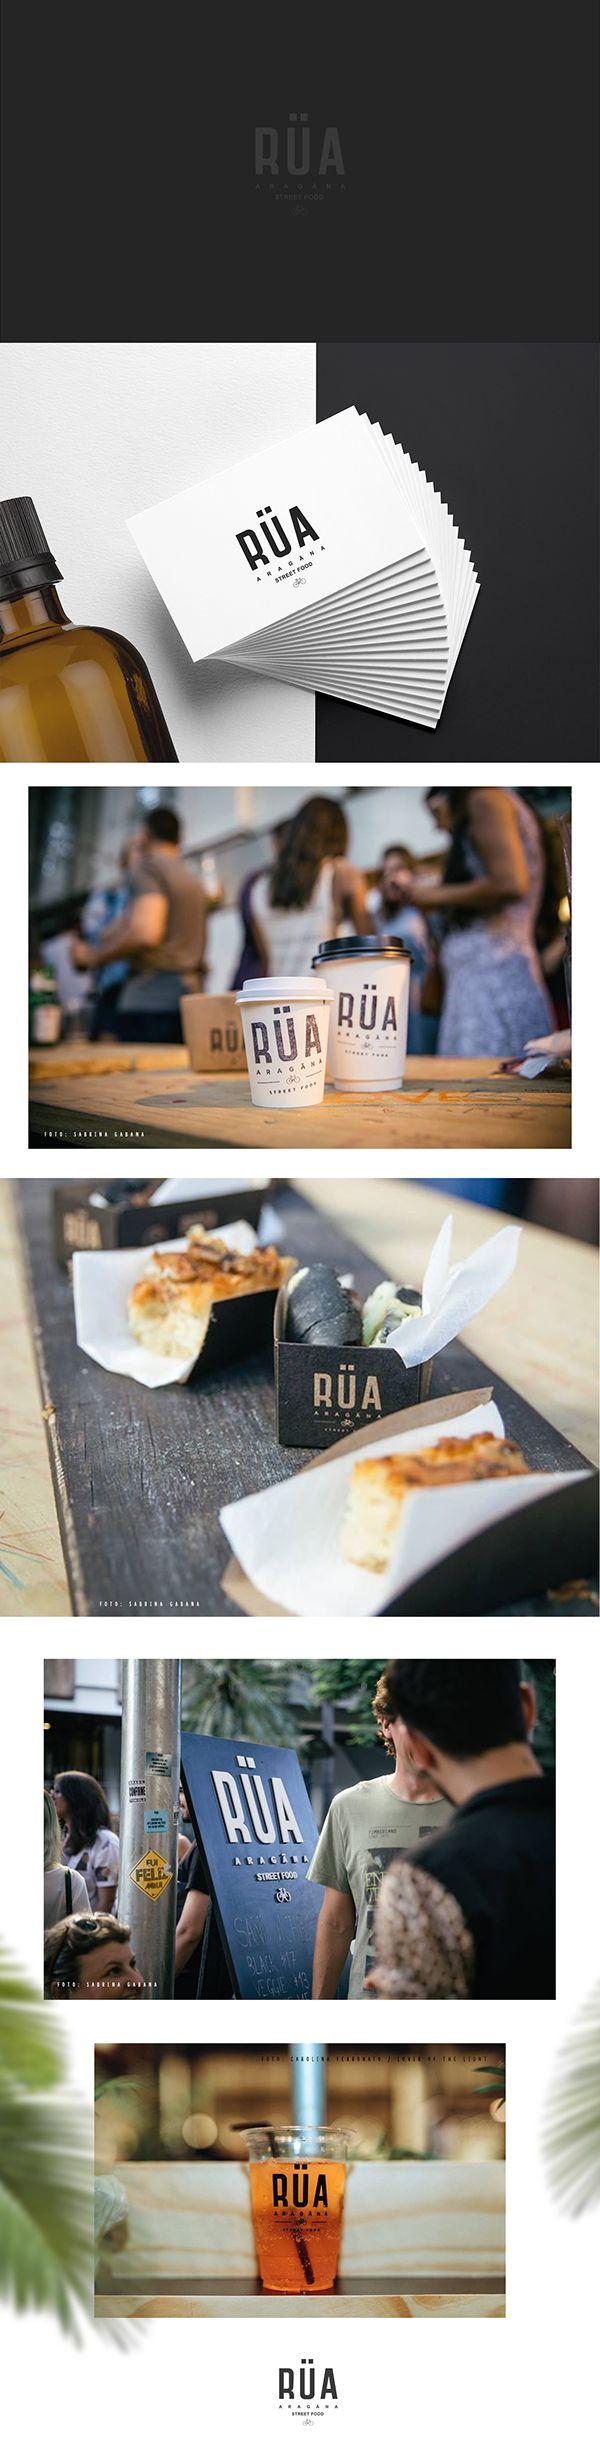 Este foi um projeto de criação de identidade visual para RÜA. A RÜA é um Street Food criado pela Aragäna, uma marca de moda originada em Porto Alegre (RS).